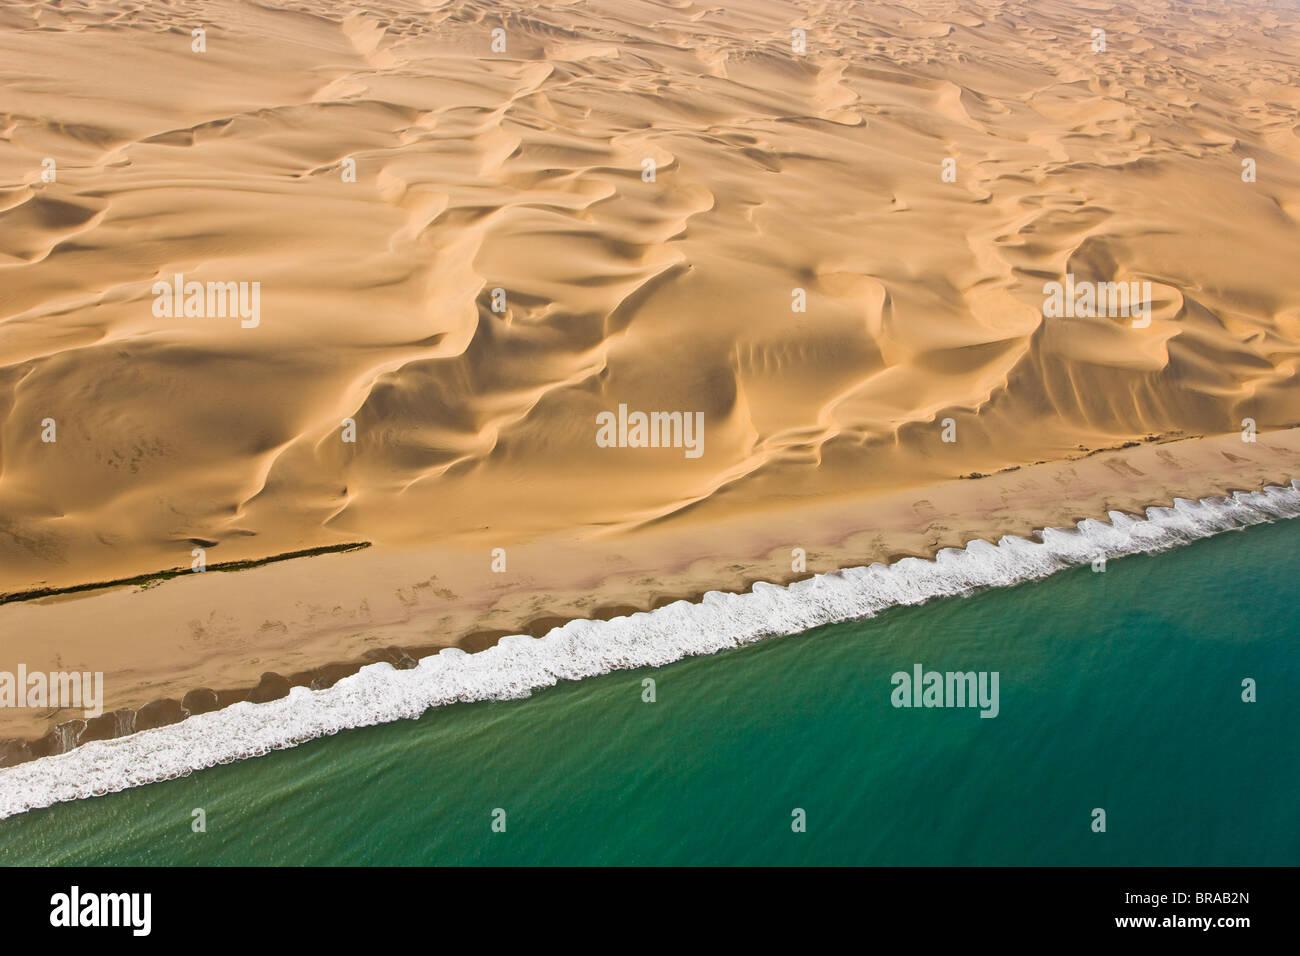 Vue aérienne de dunes de sable et de la côte atlantique, près de Swakopmund, désert du Namib, Photo Stock